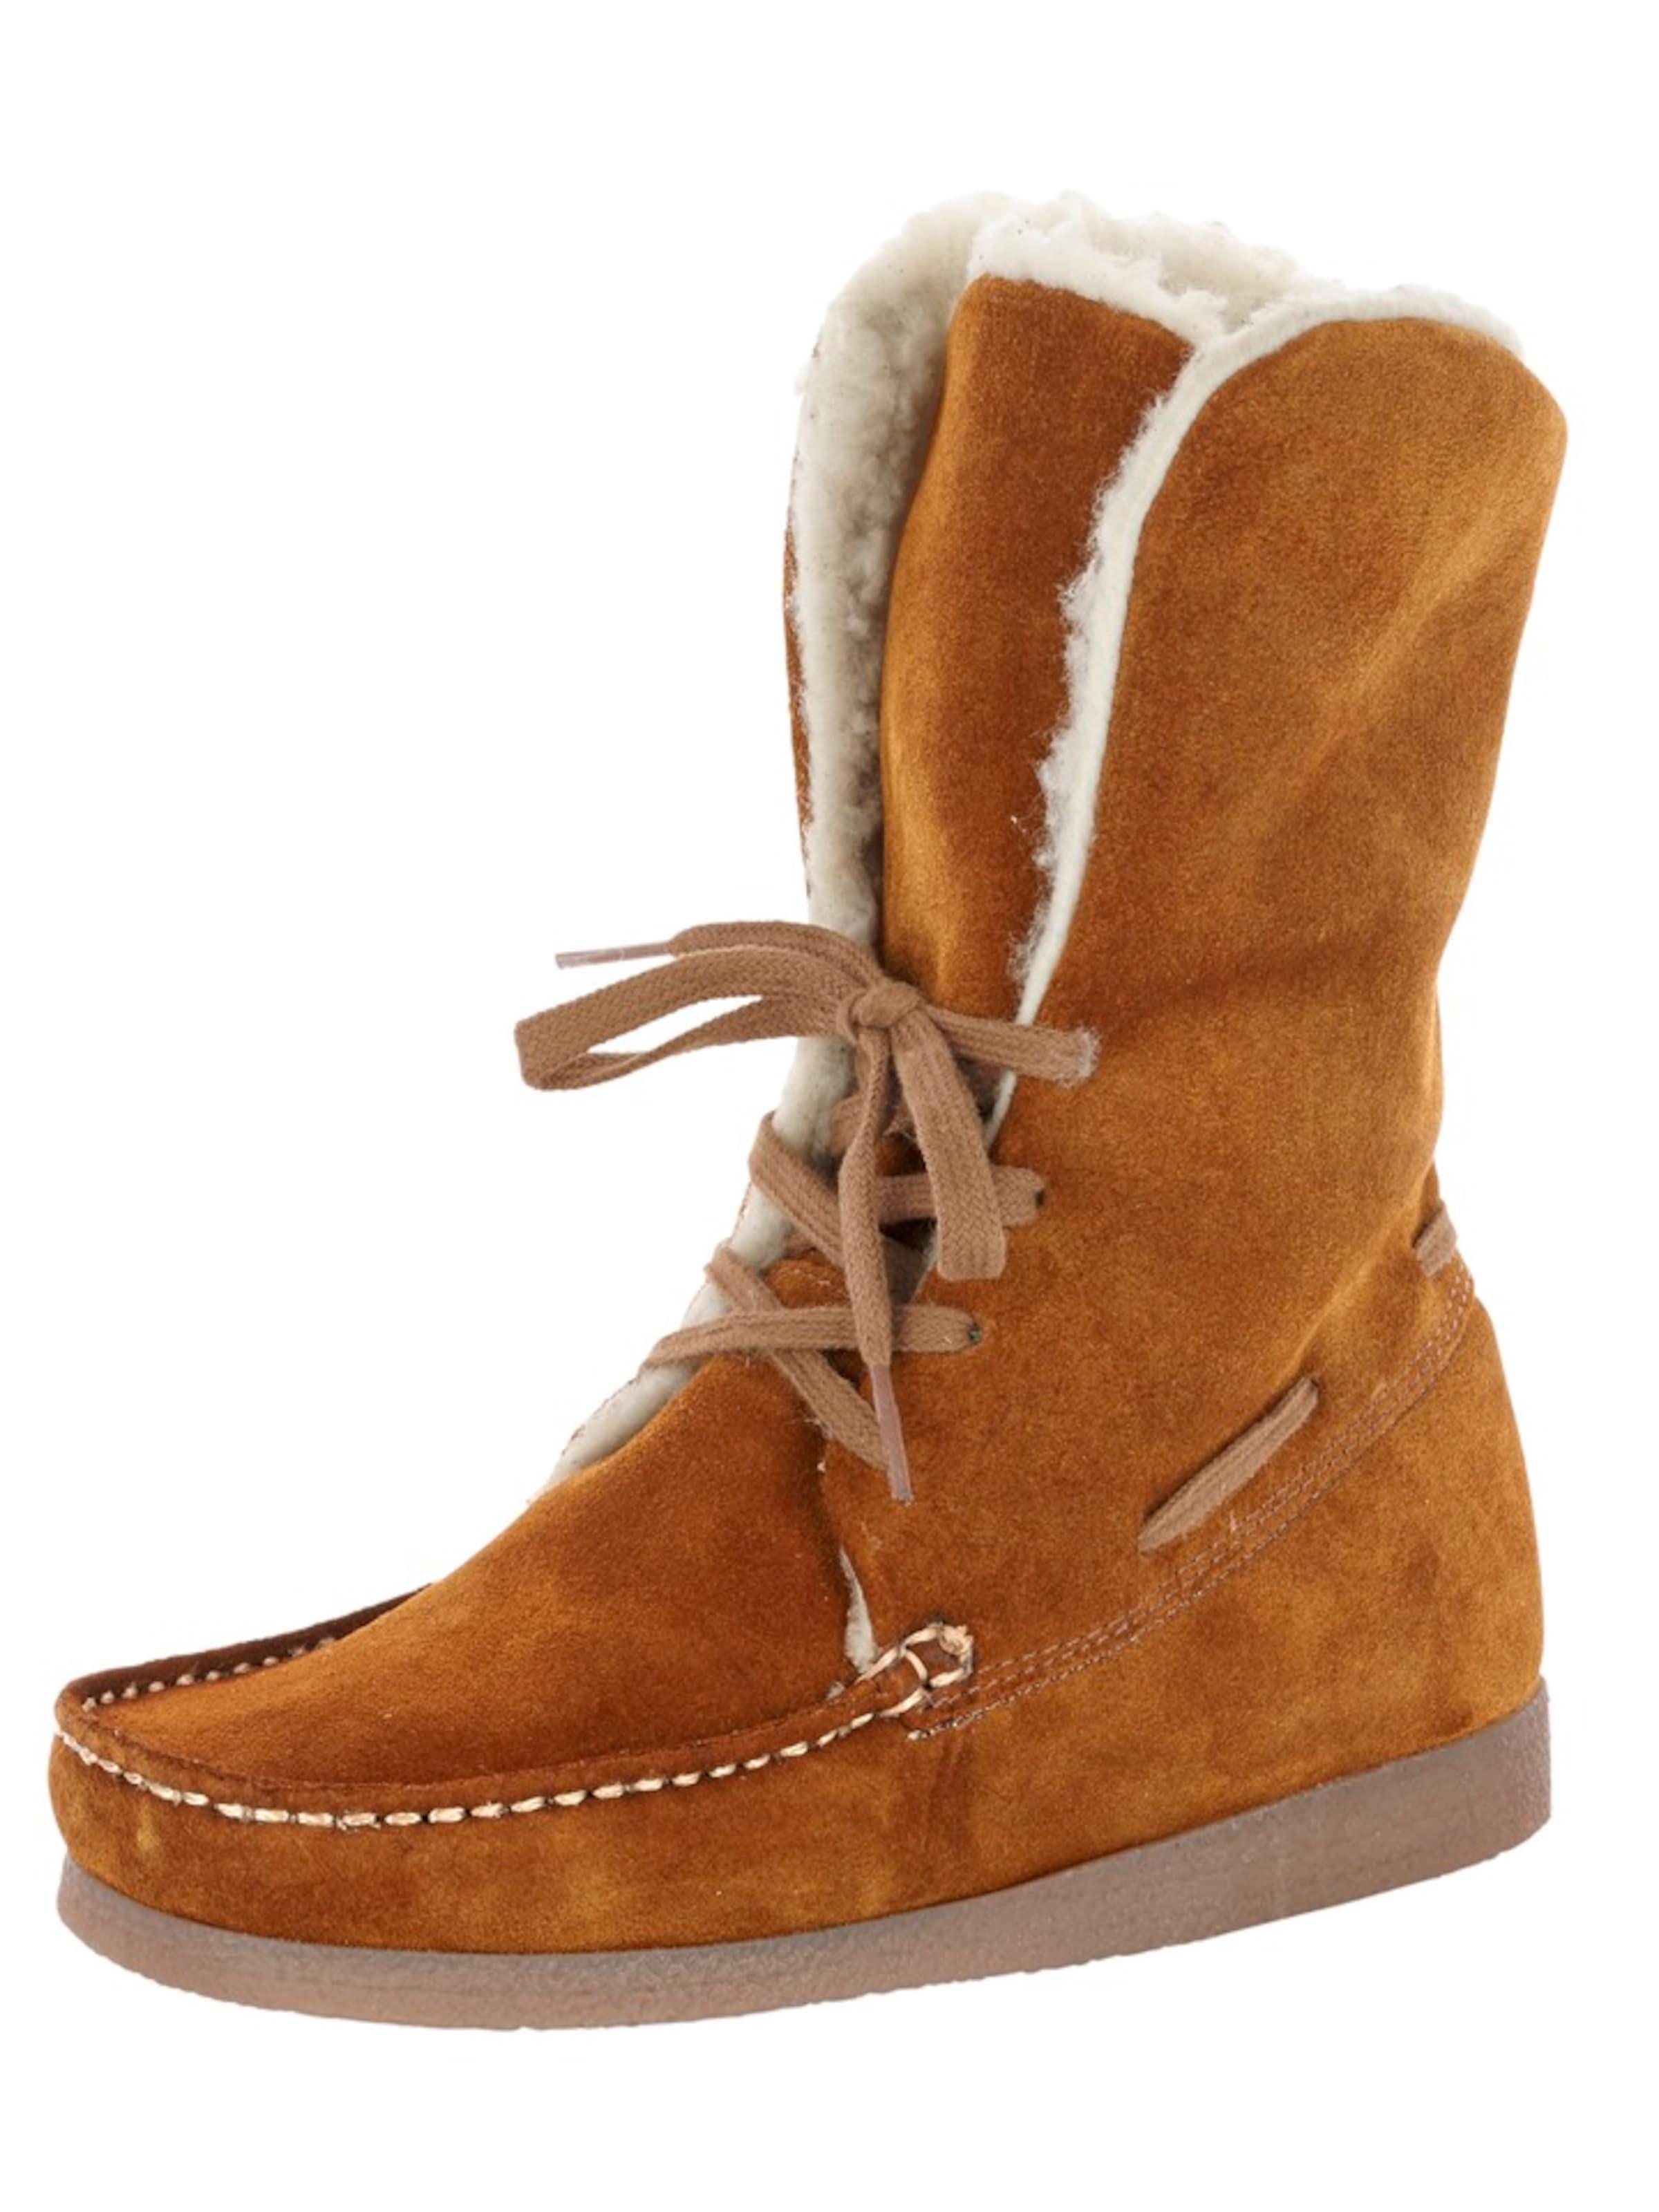 heine Stiefelette Günstige und langlebige Schuhe